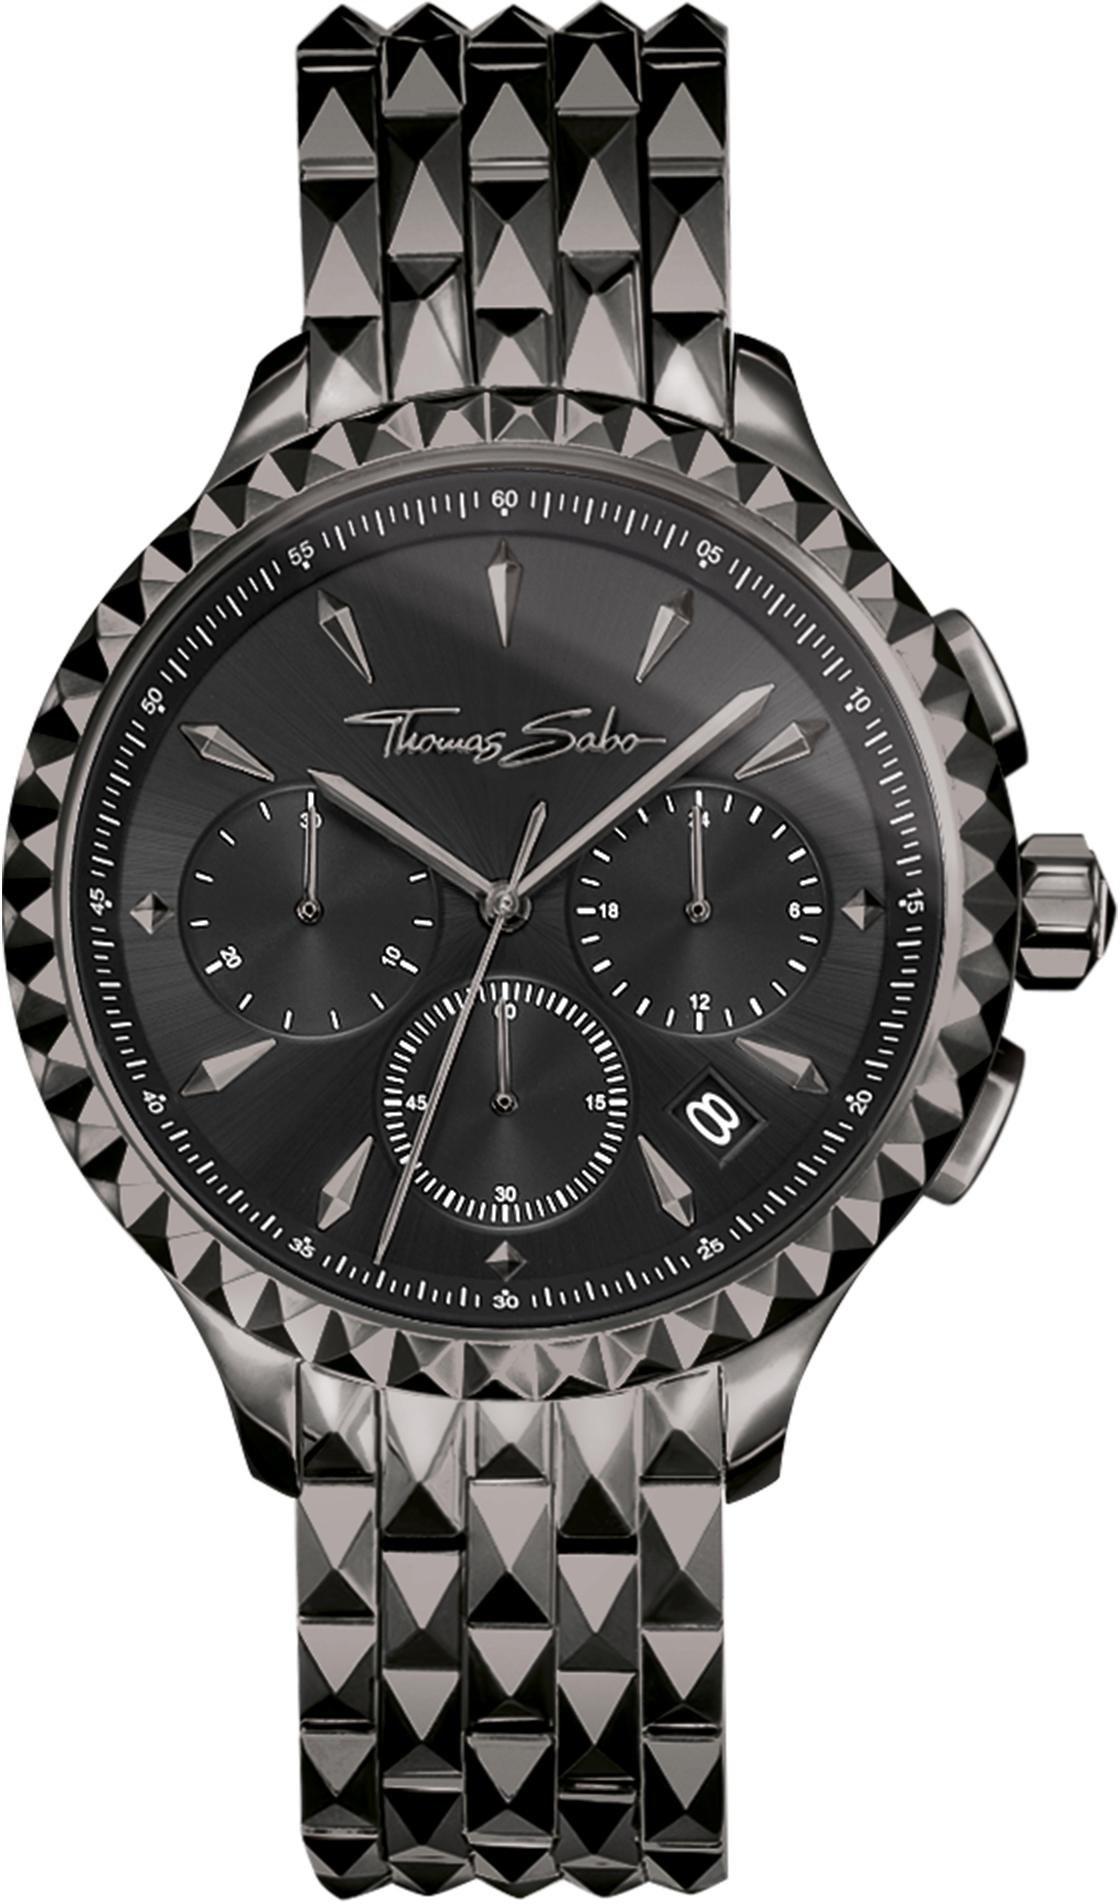 Thomas Sabo chronograaf »REBEL AT HEART, WA0348-202-203-38 mm« - verschillende betaalmethodes